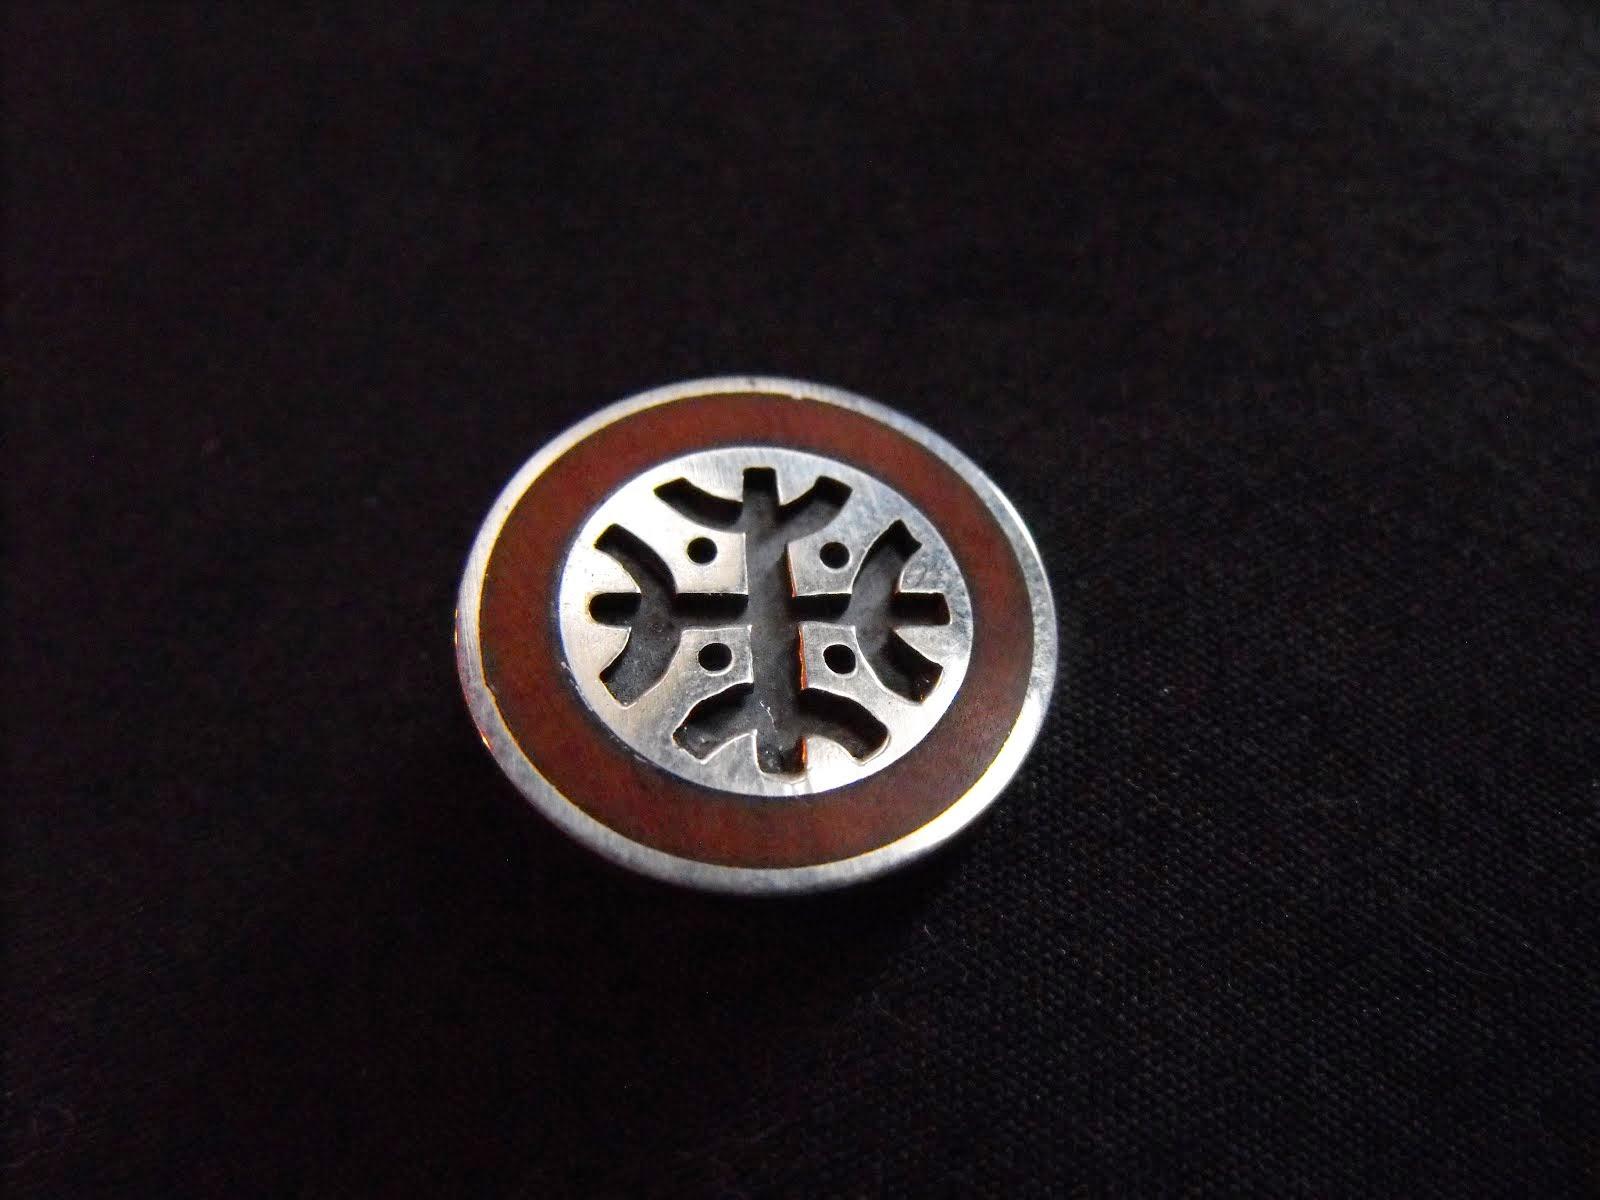 Prendedor plata picoyo, diseño envejecido (295)